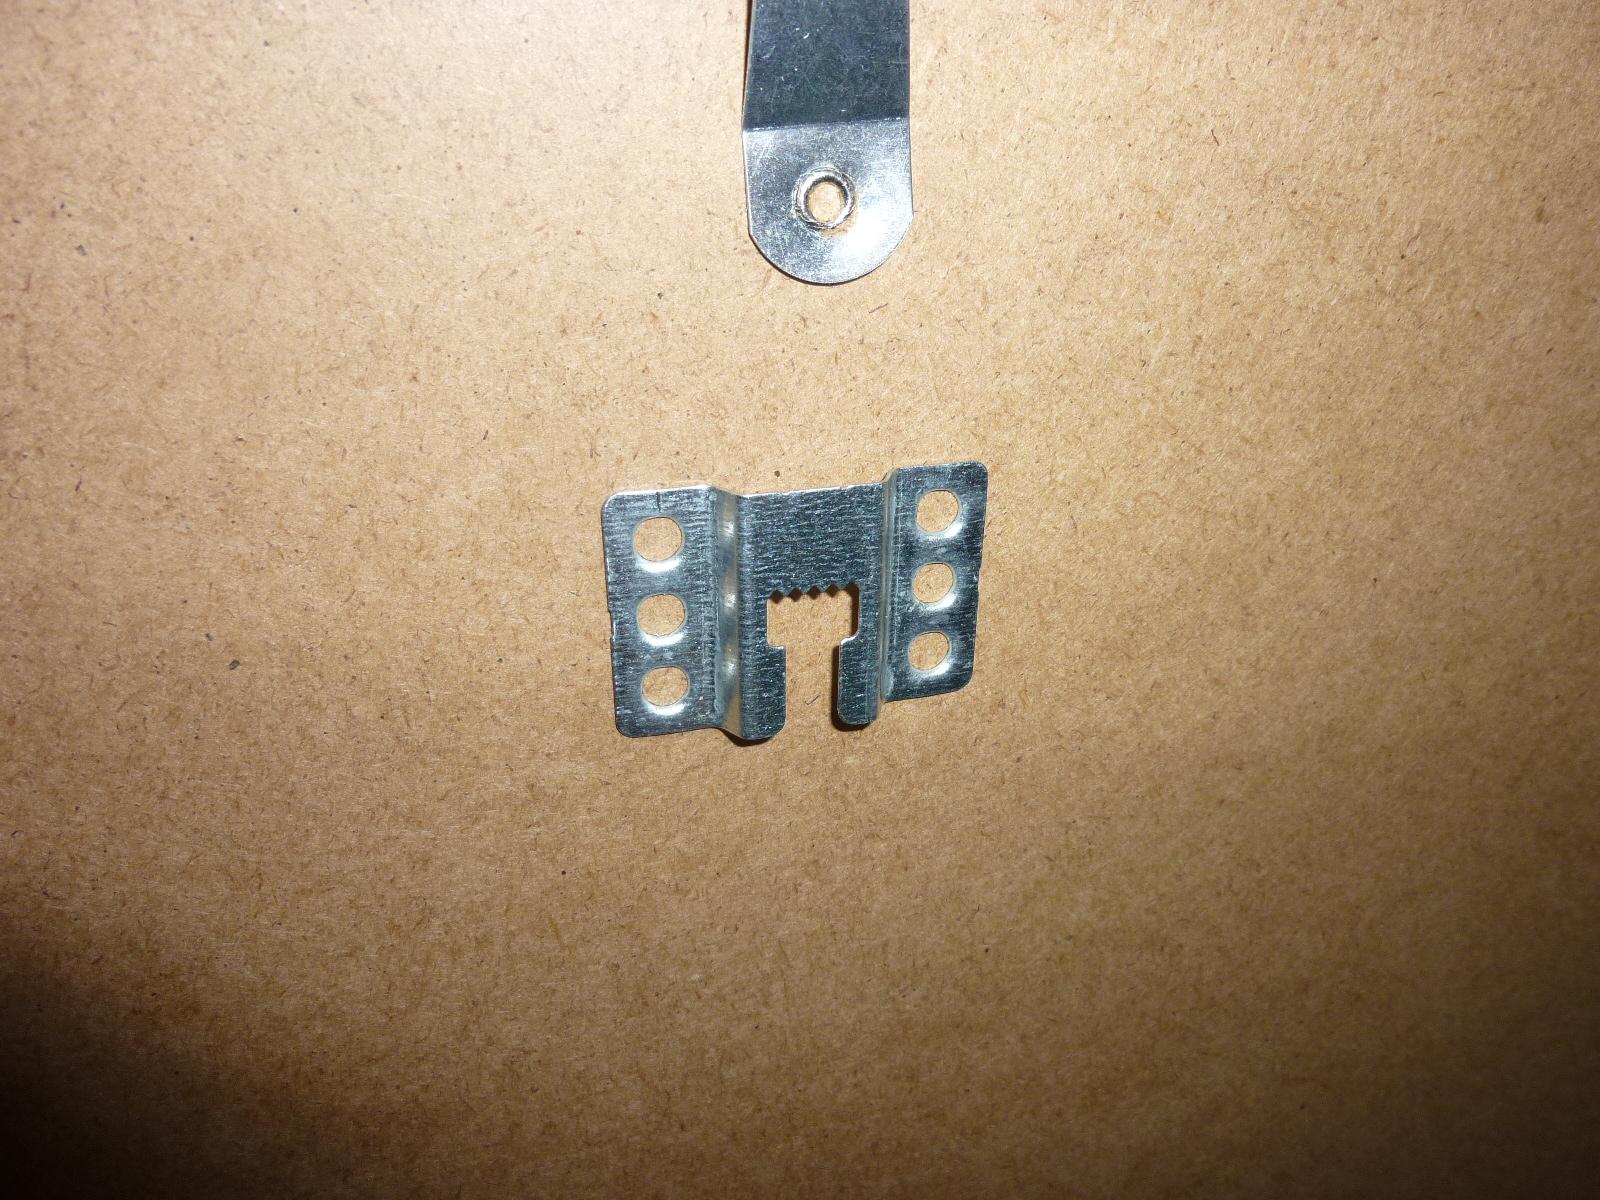 Crochet pour fixer cadre en alu for Crochet adhesif pour cadre